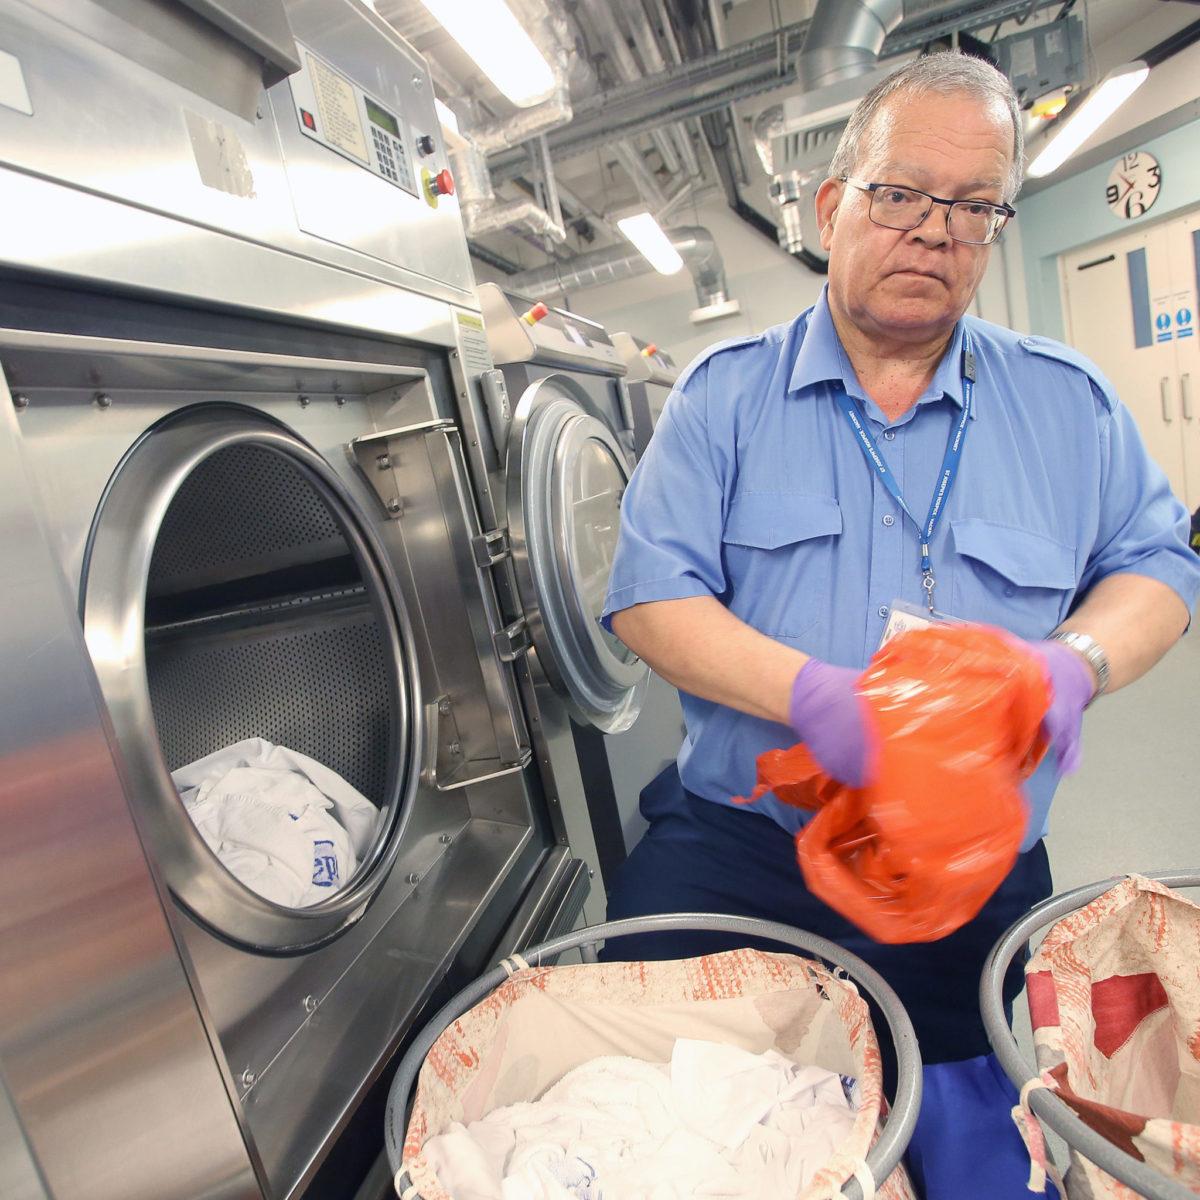 Armstrong France spécialiste du  matériel de blanchisserie dispose de nombreuses références dans les centrales nucléaires, l'industrie textile, les centres pénitentiaires, les C.A.T., l'armée Française